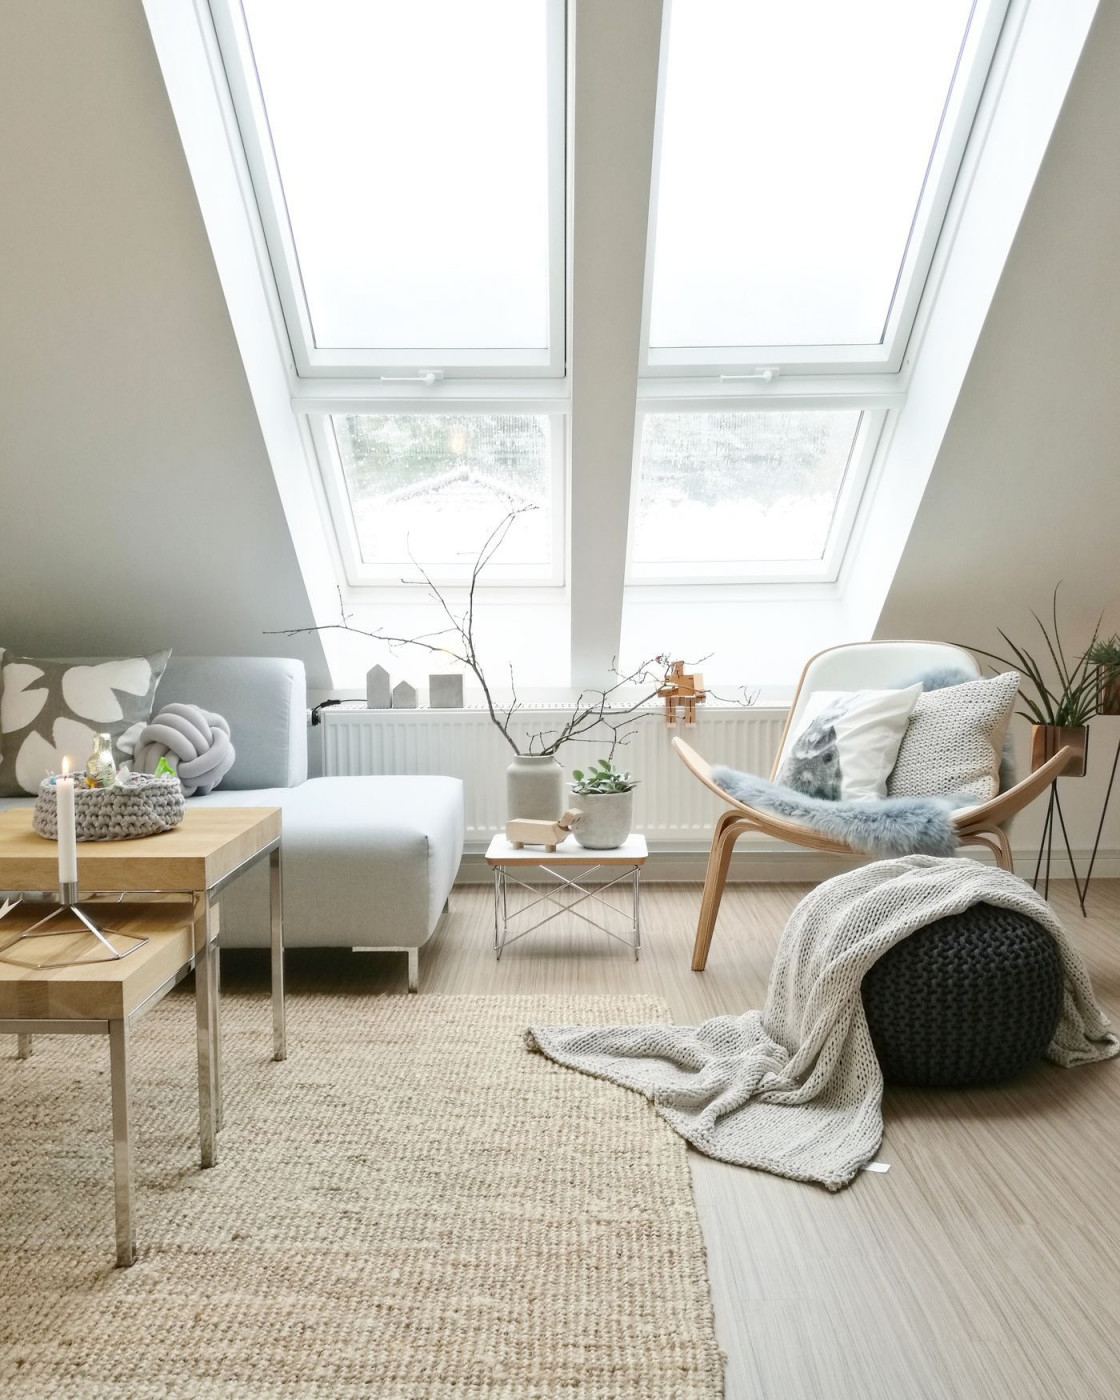 Schlafzimmer Dachboden Gestalten – Caseconrad von Dachboden Wohnzimmer Ideen Photo